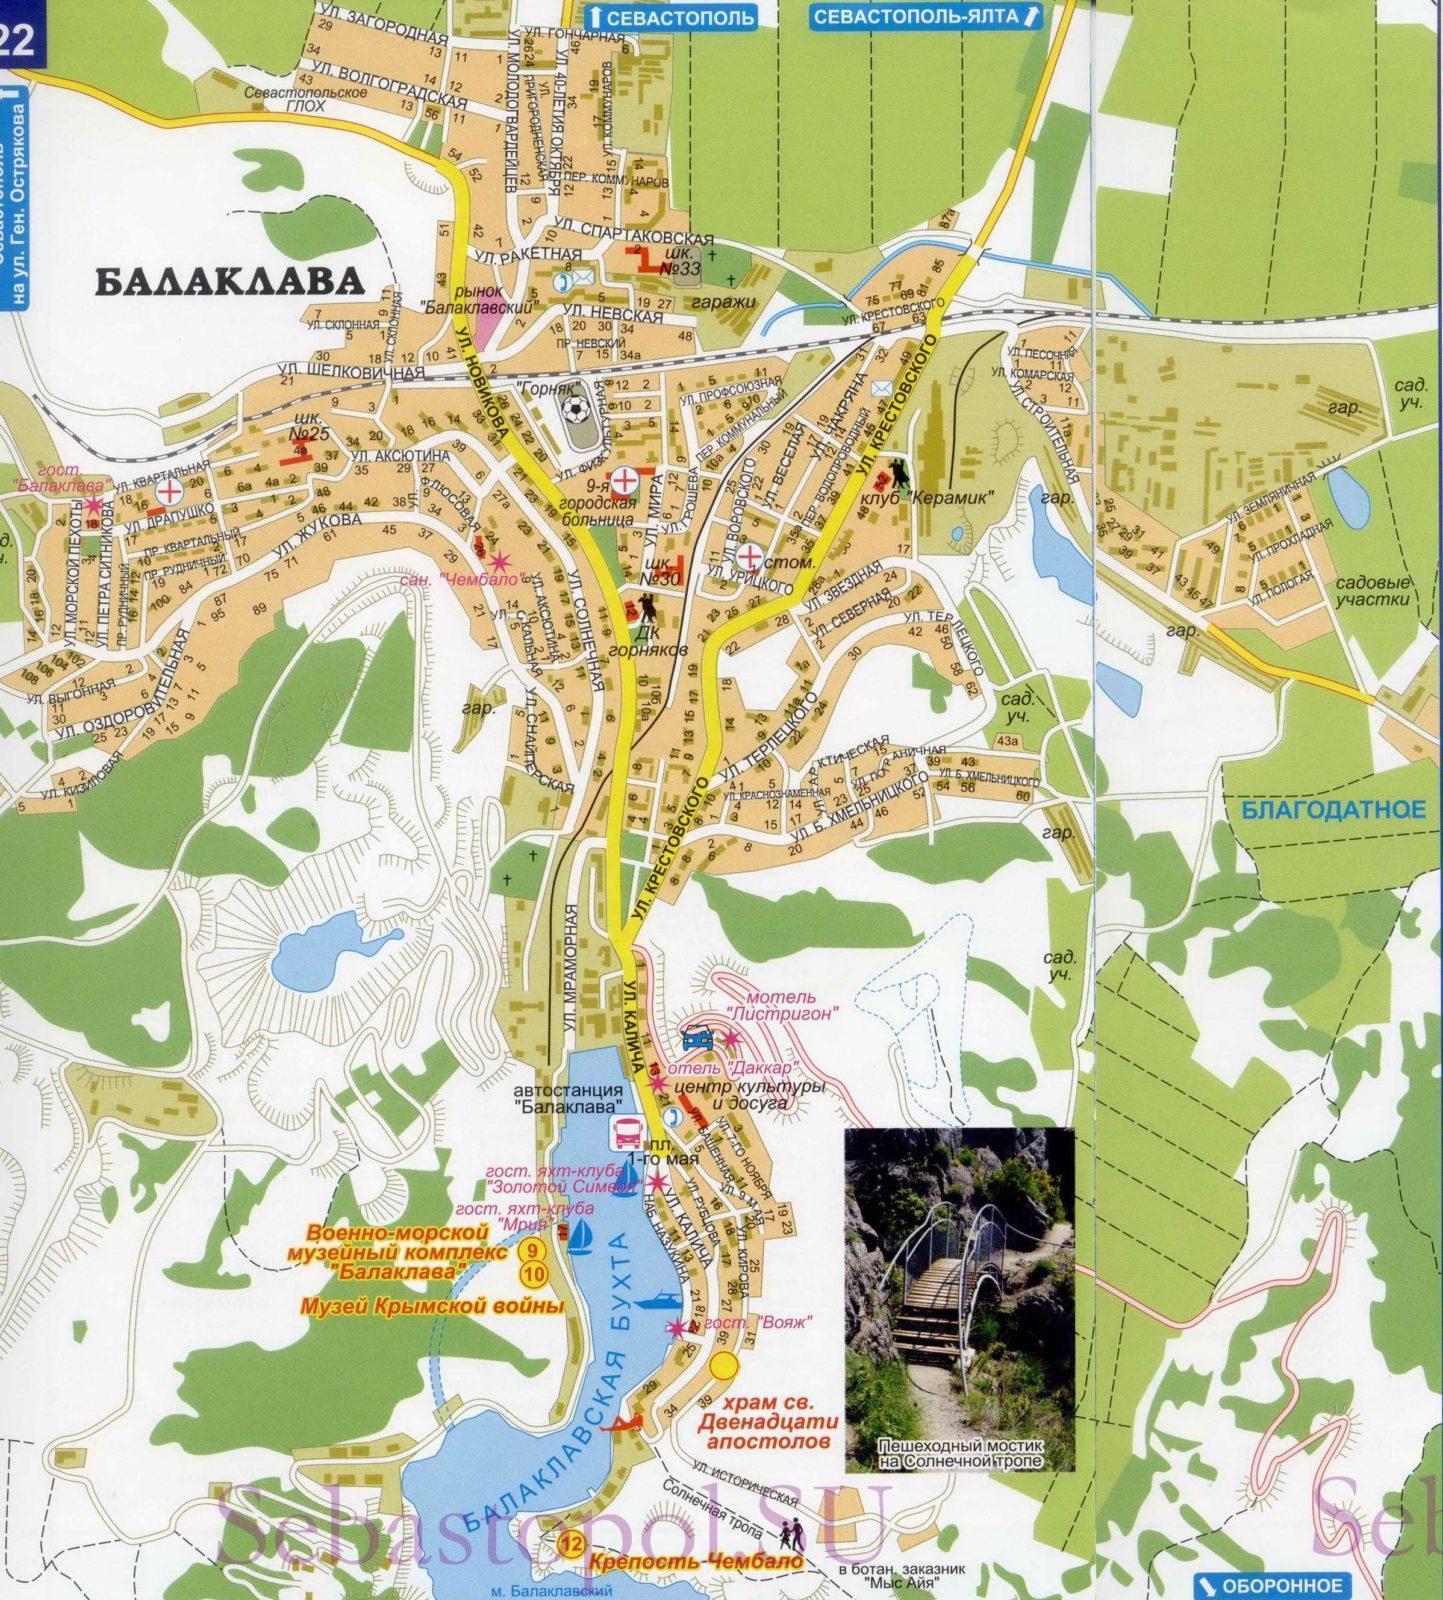 карта достопримечательностей Балаклавы